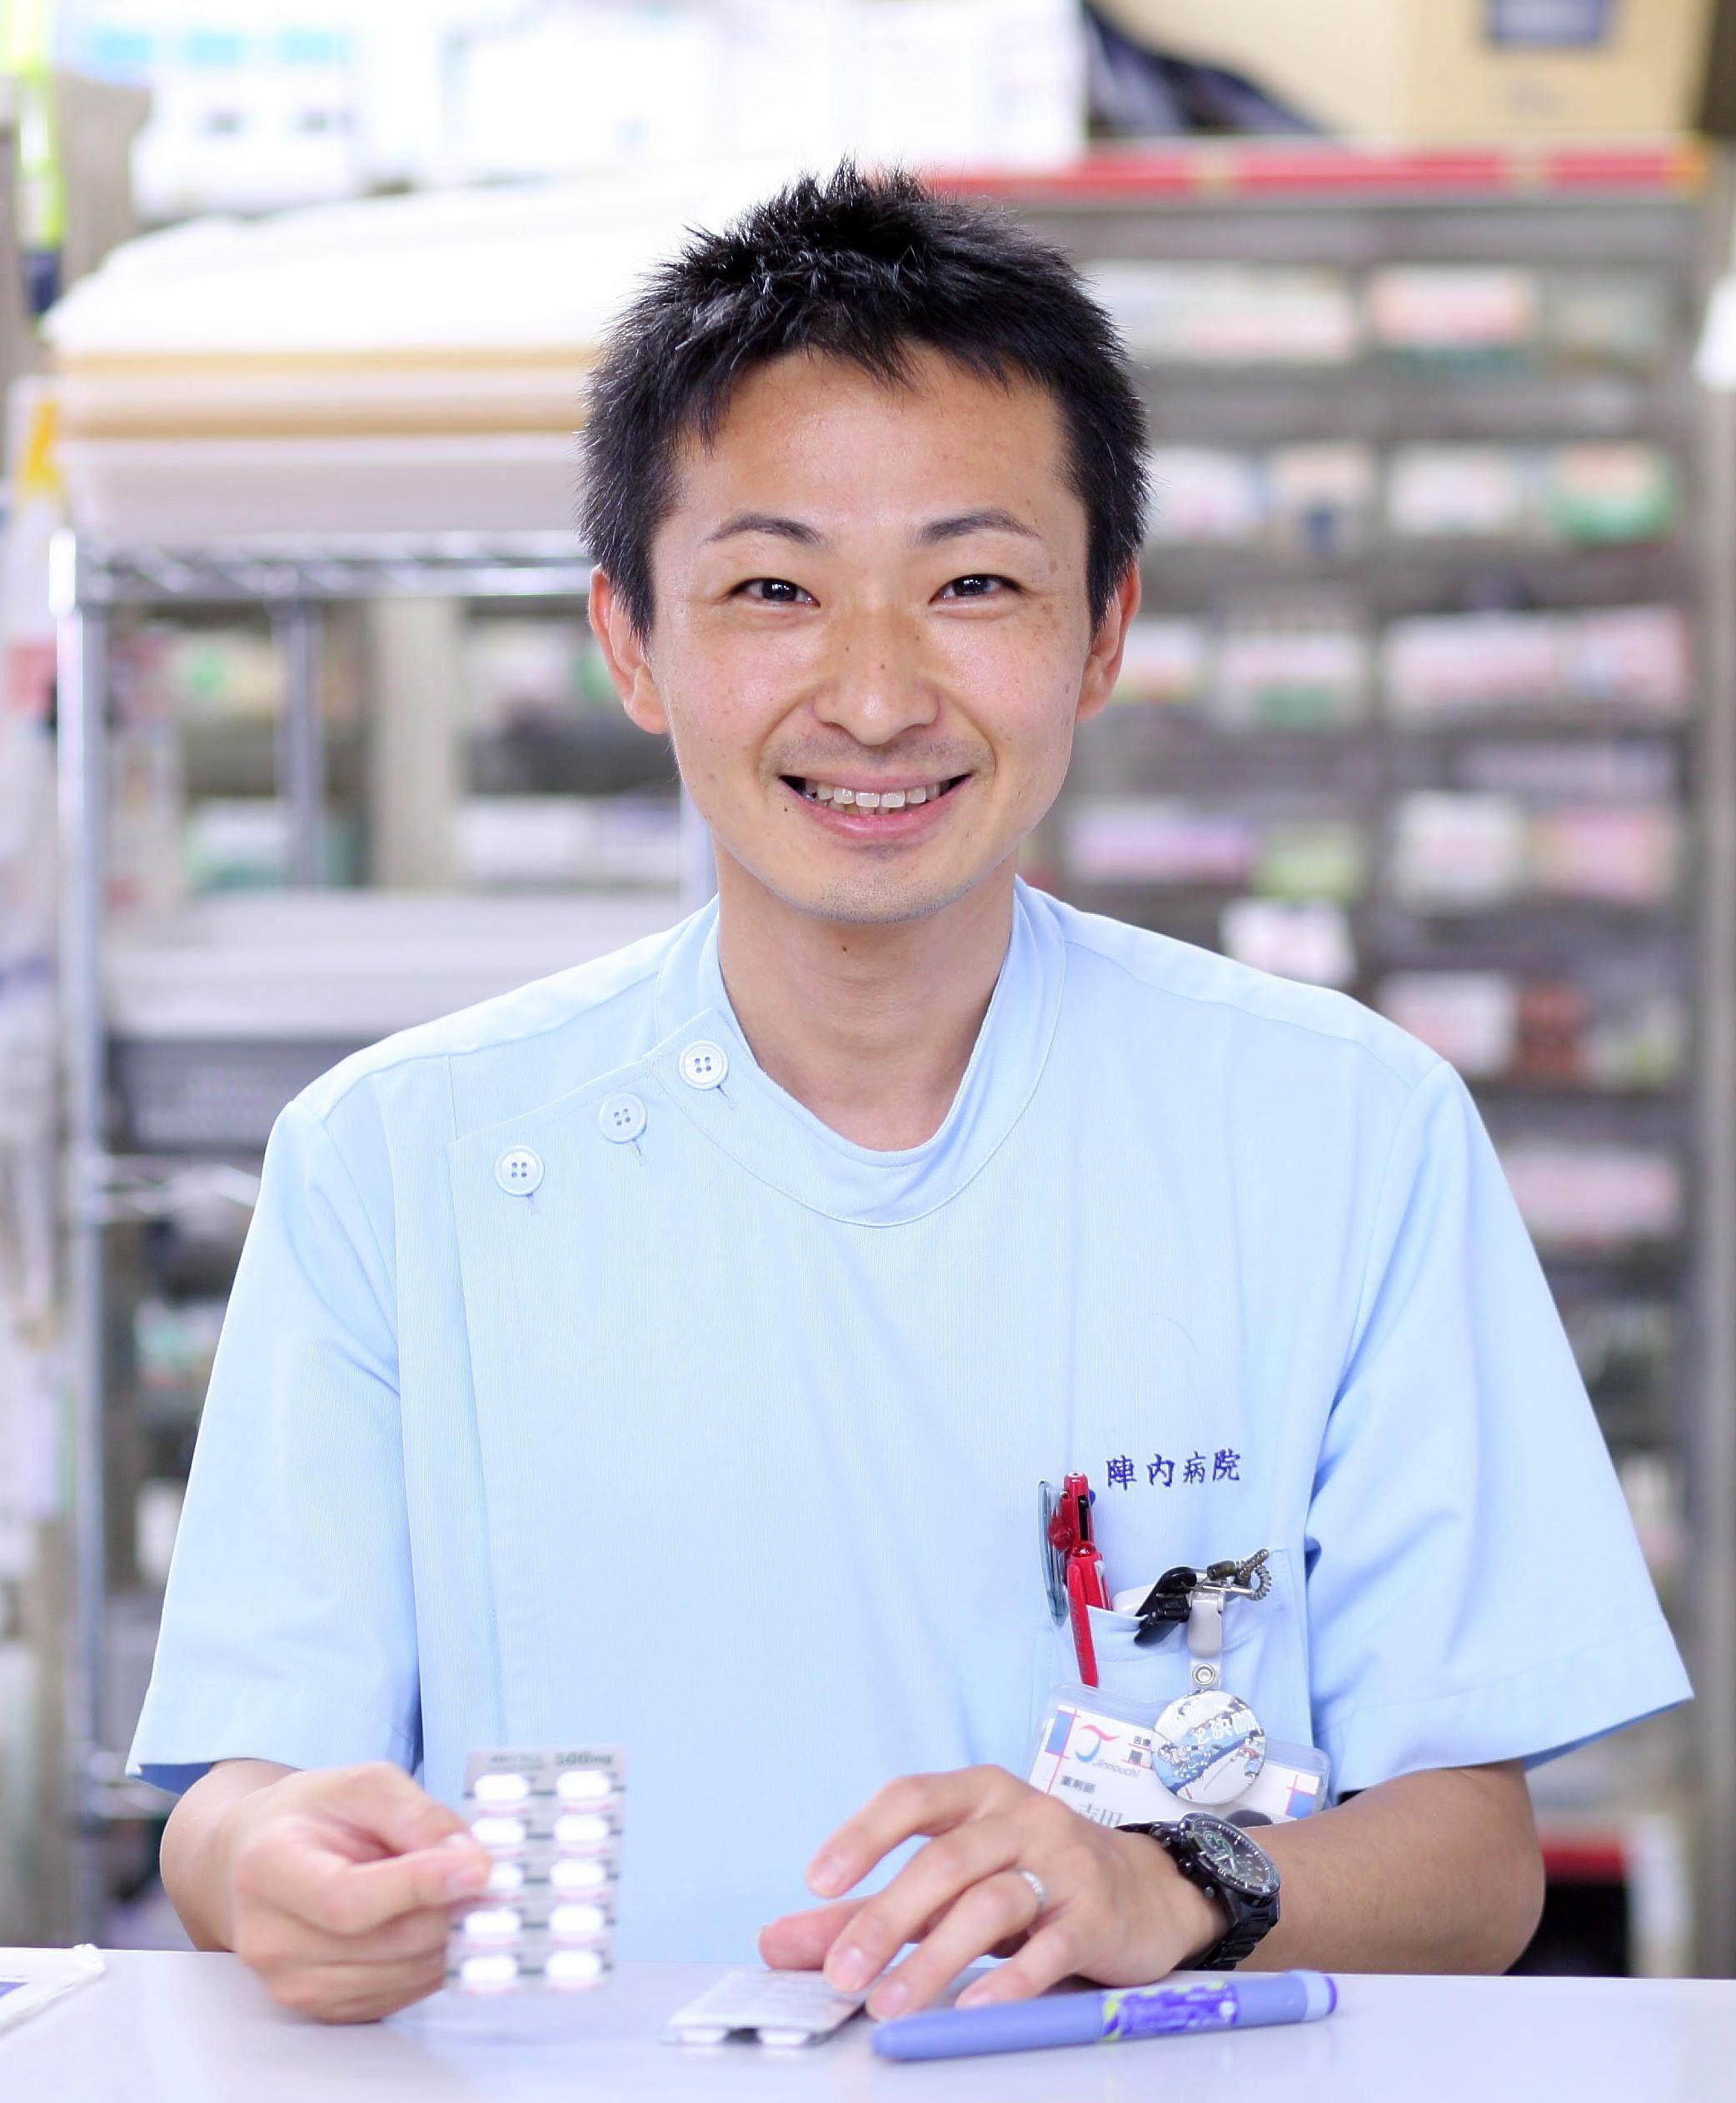 吉田 陽 先生